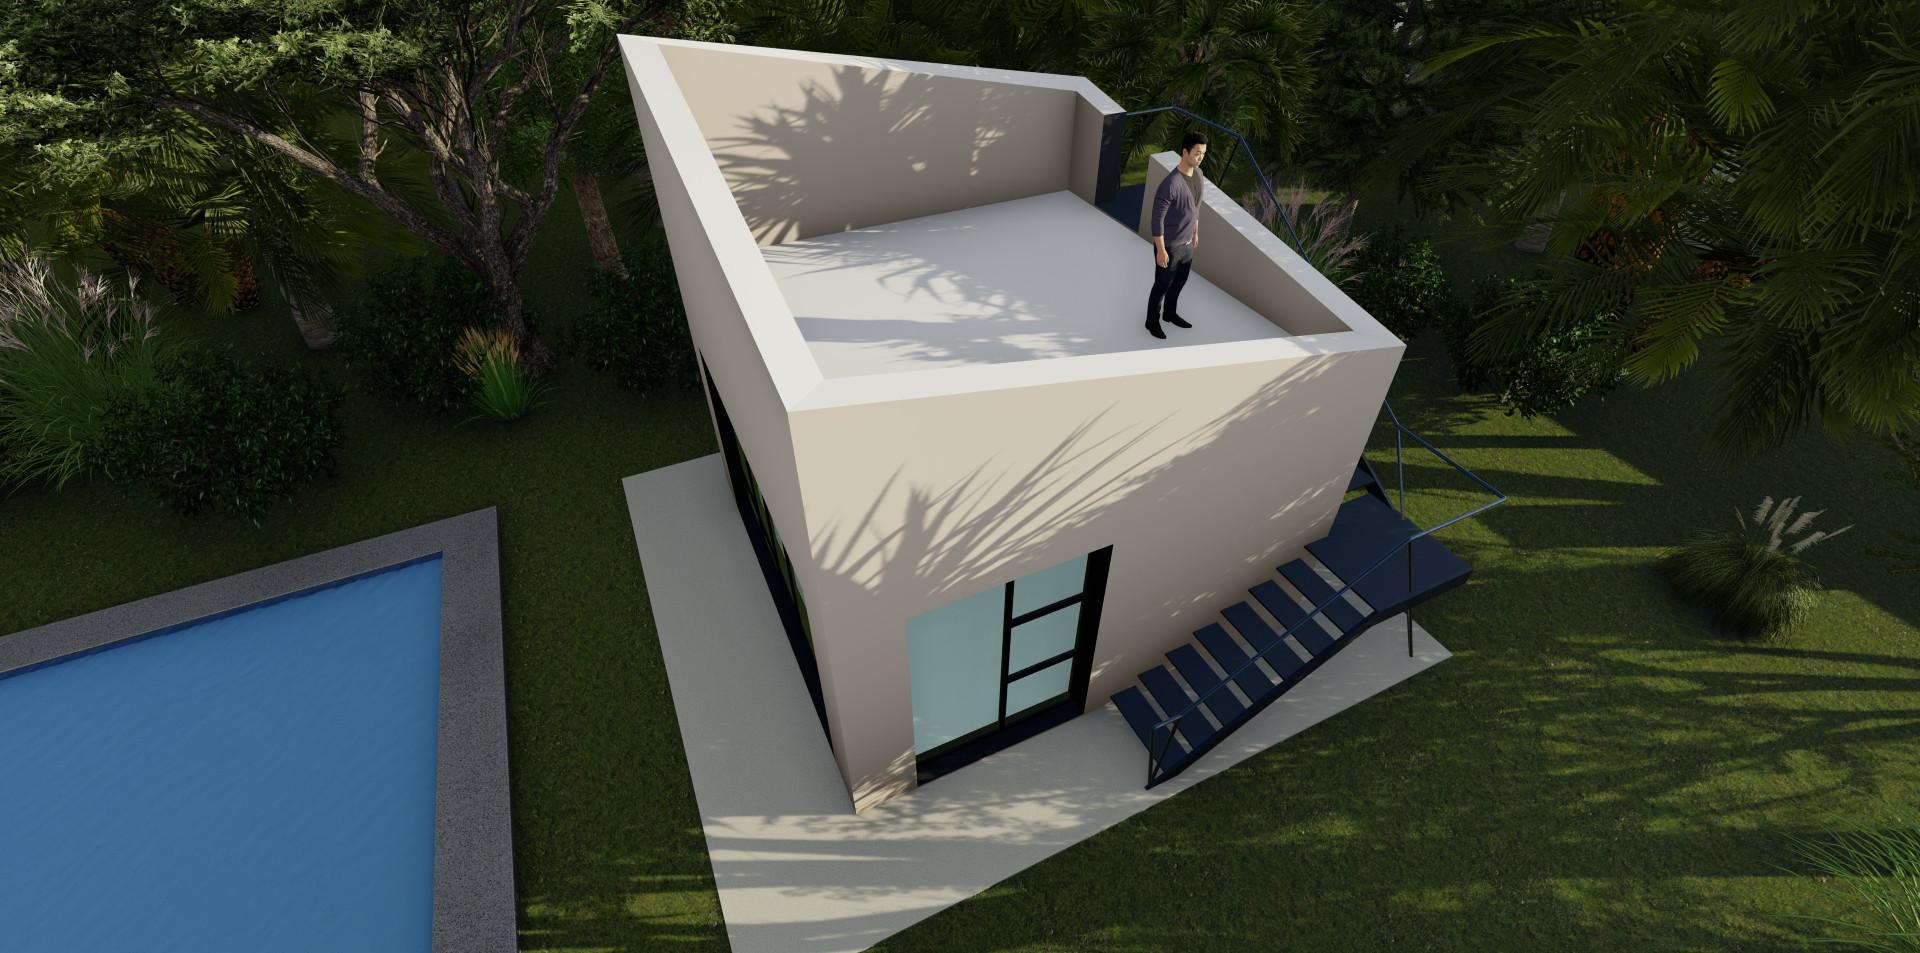 Accessory Dwelling Unit (ADU), Los Angeles